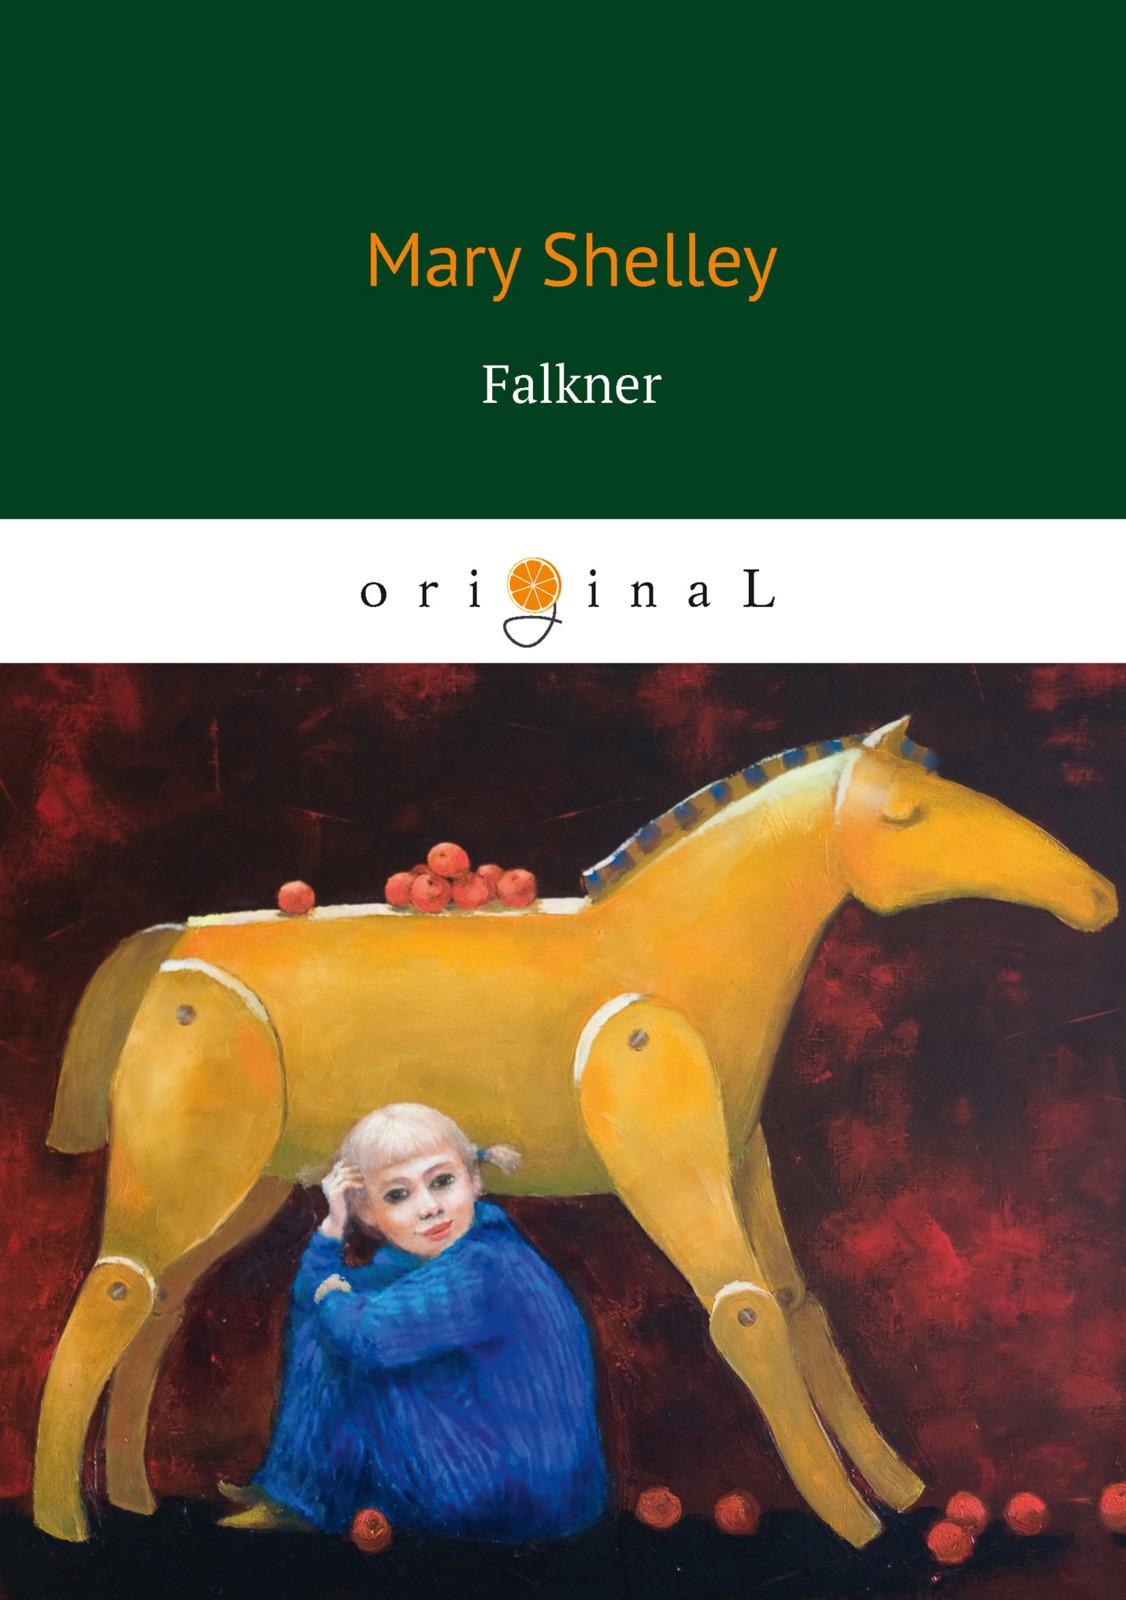 M. Shelley Falkner foster